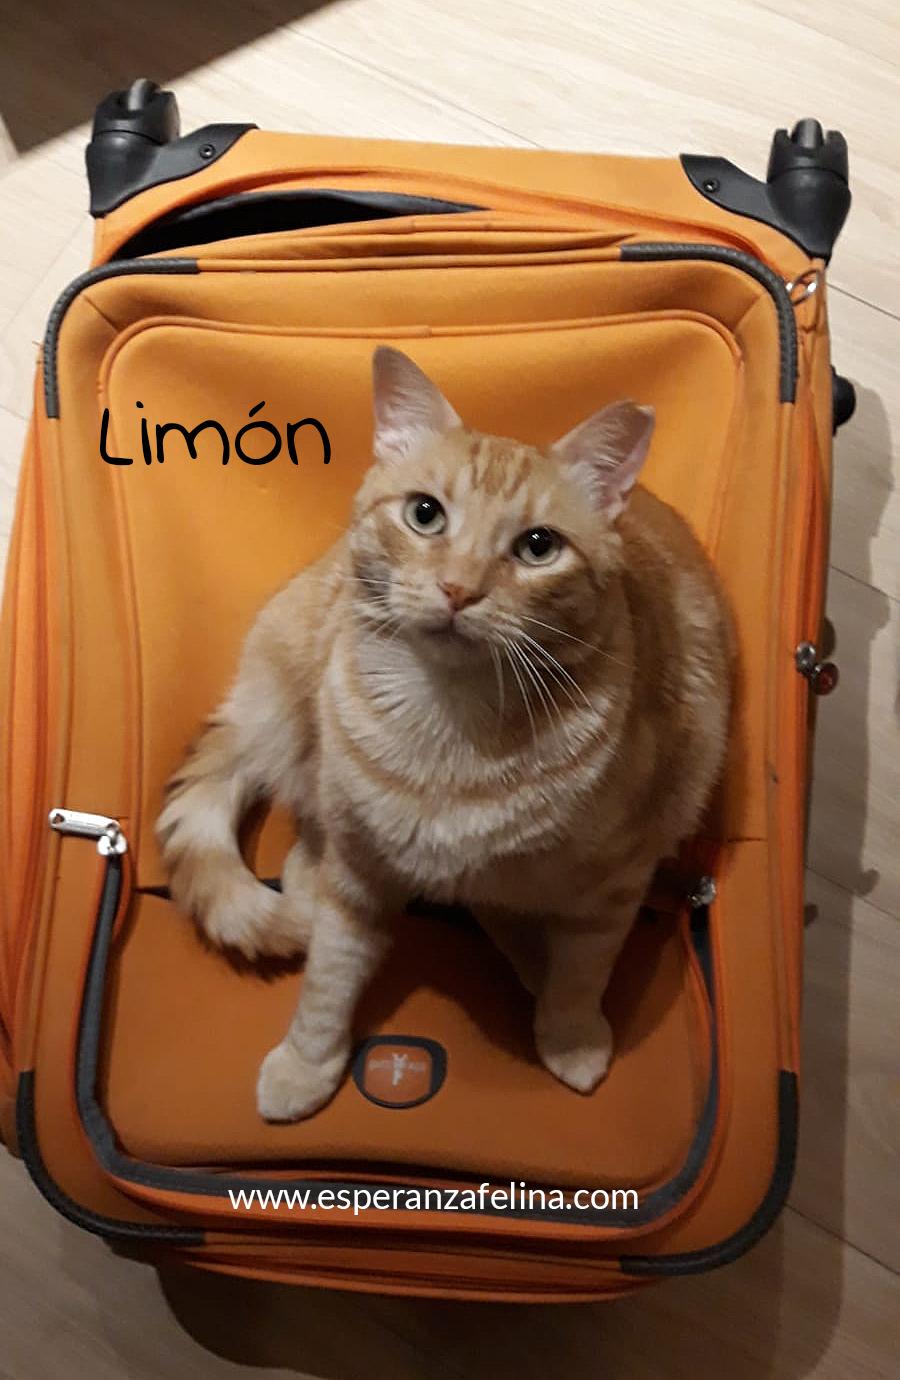 Limón 2, rubito adorable busca hogar. Alava. (Fec. Nac. Aprox. 01/01/2015) Limon_18